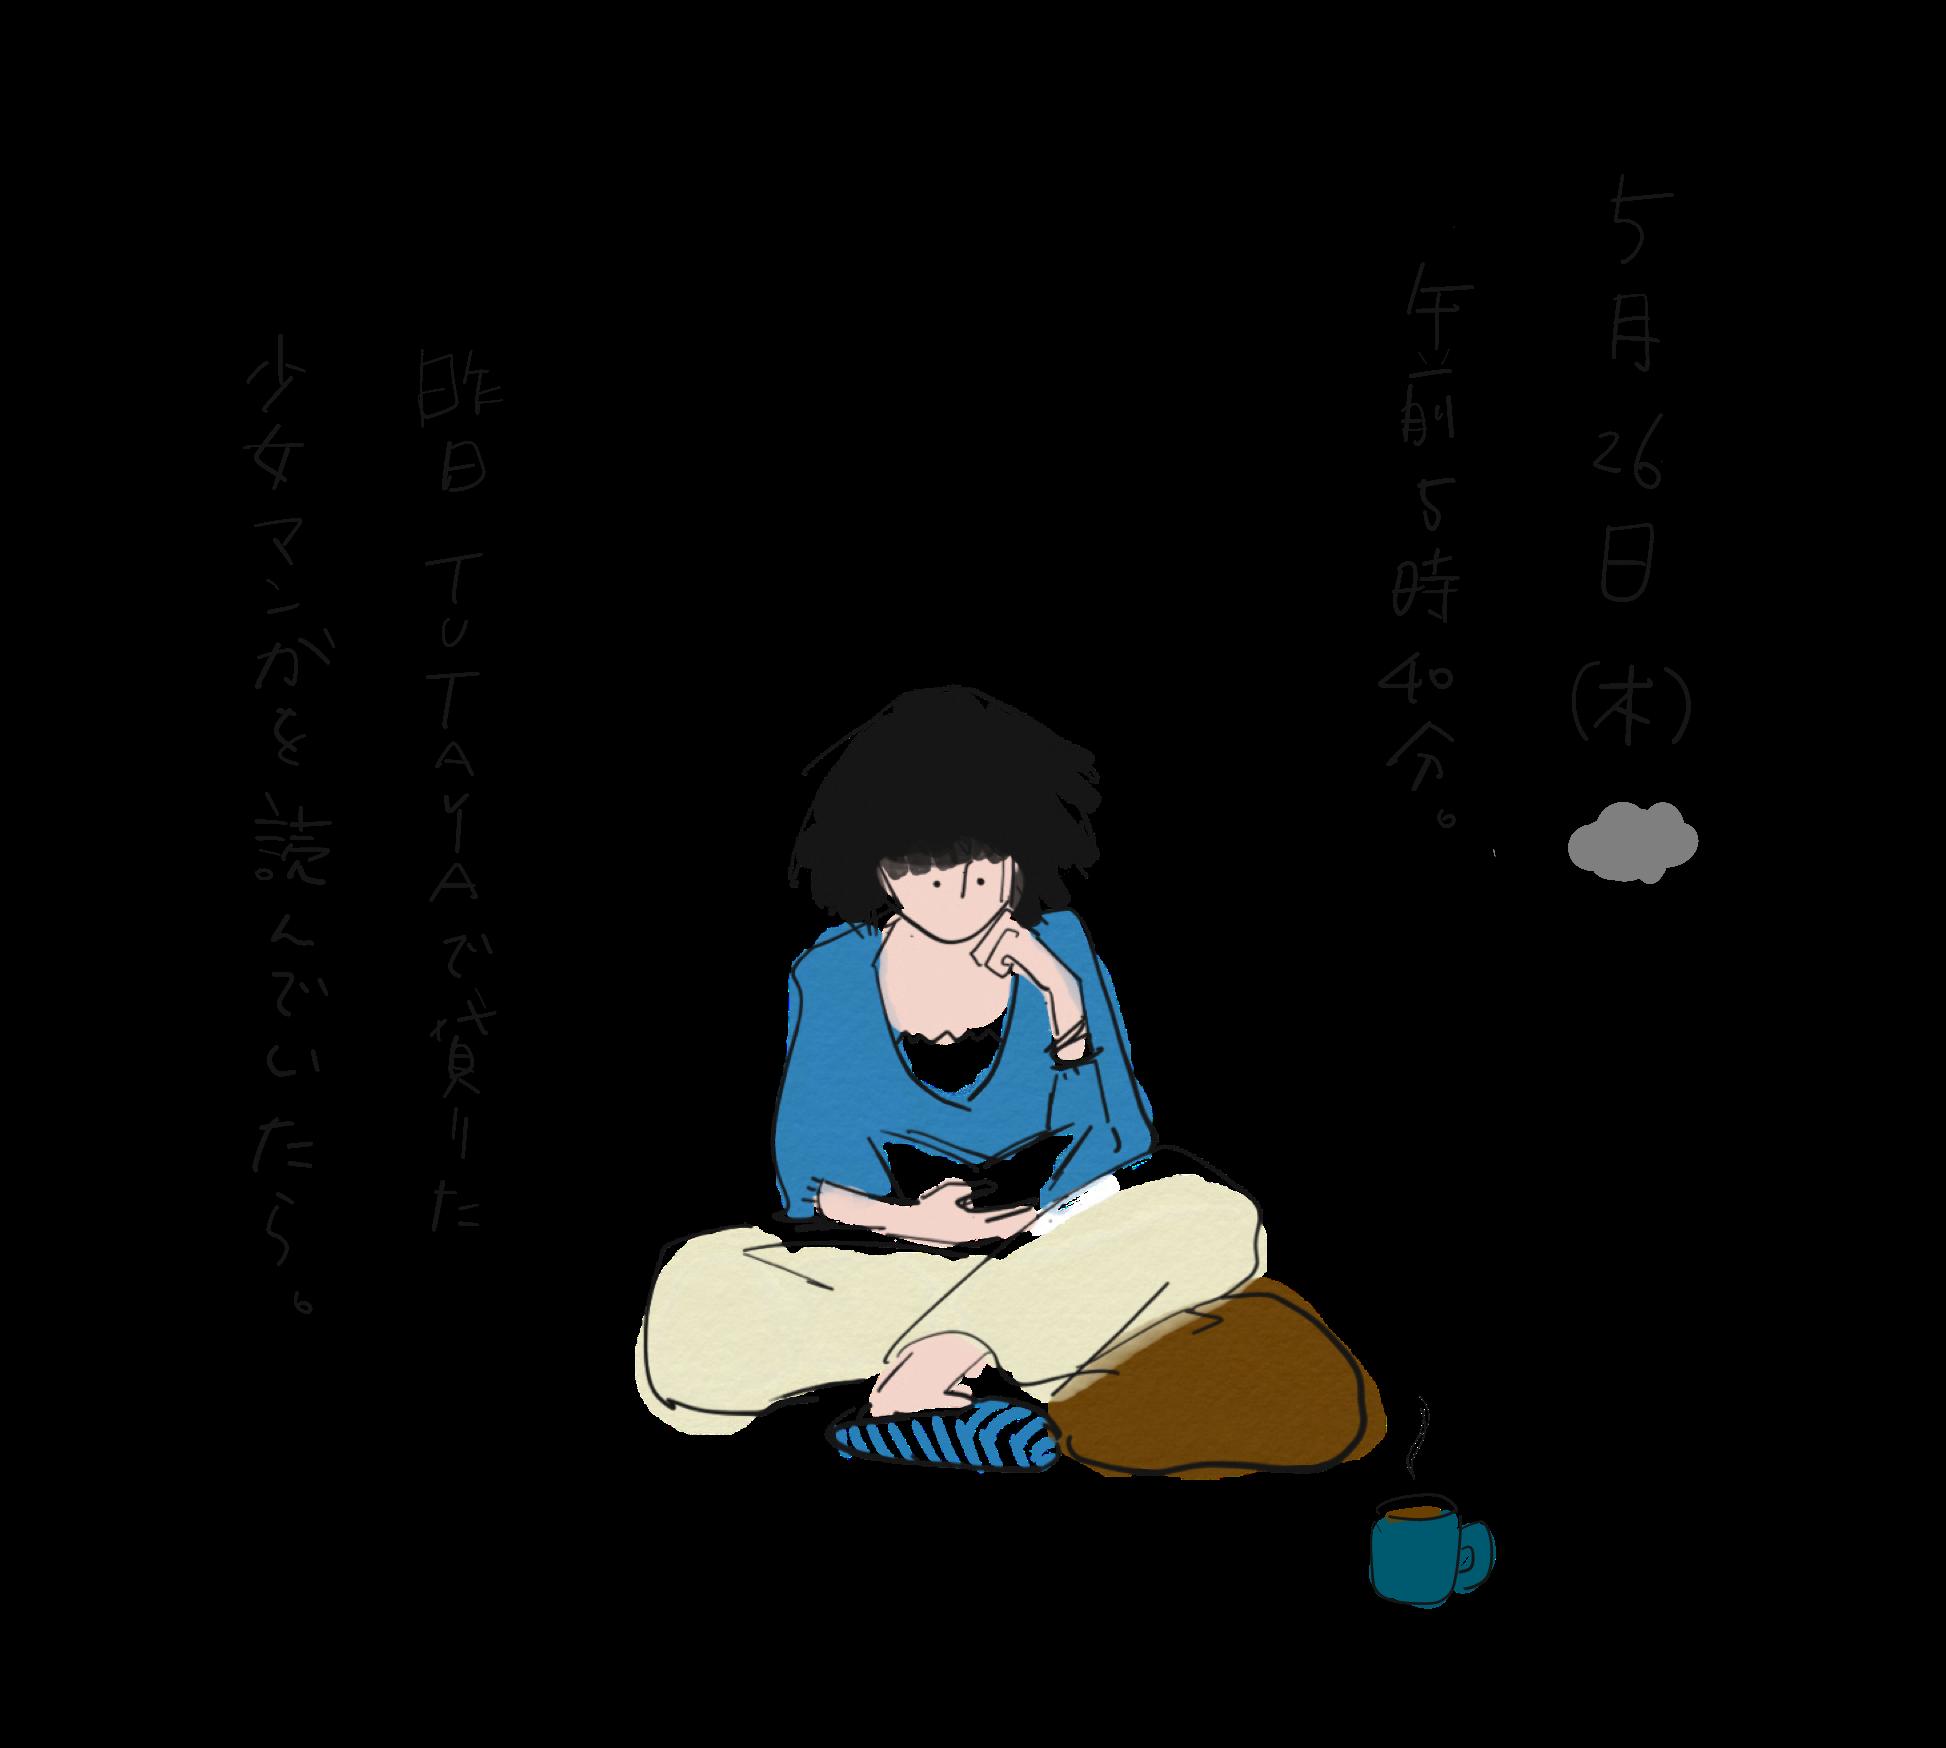 PNGイメージ-96660A9D0D79-1